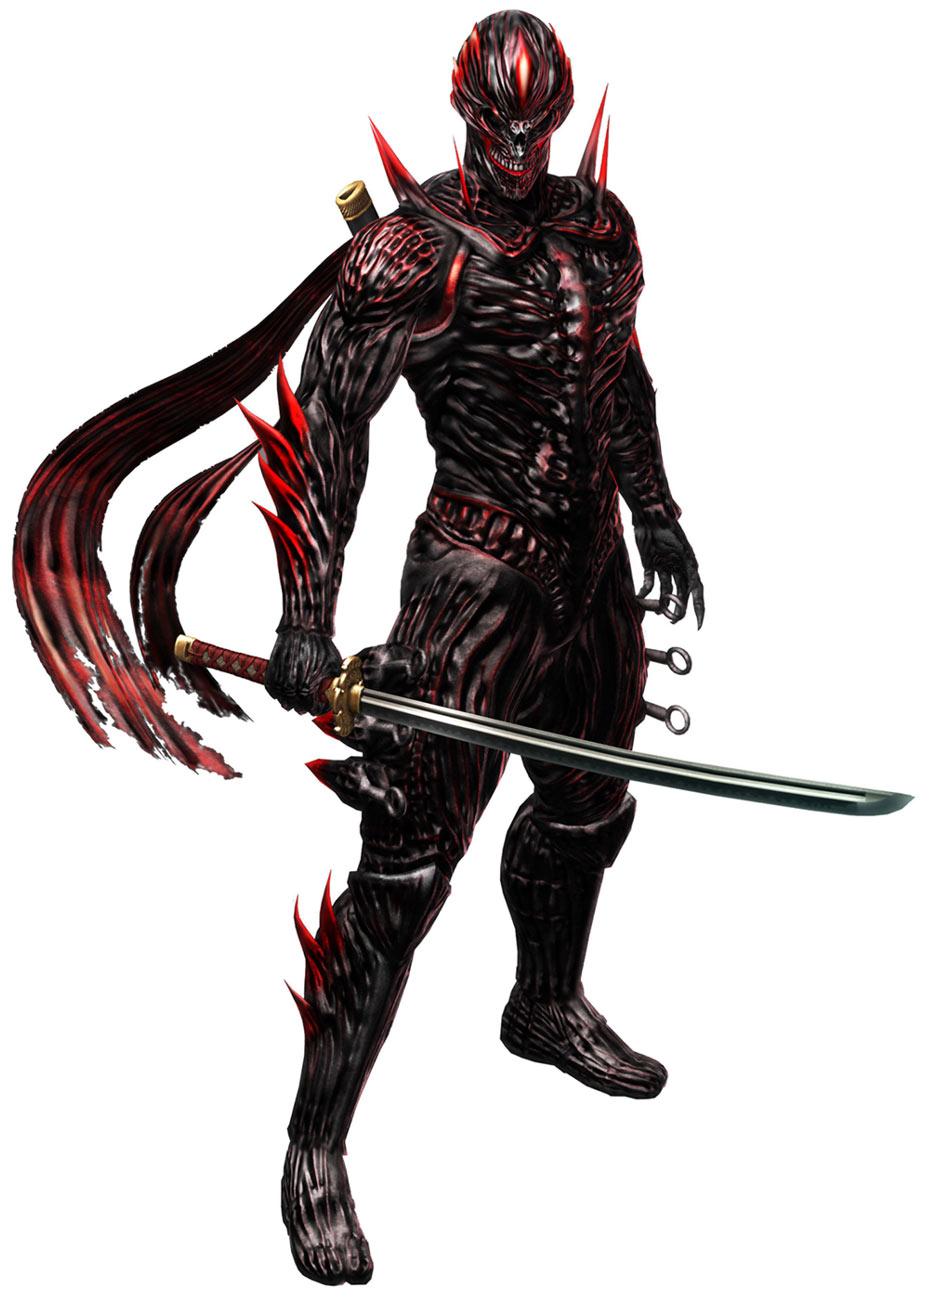 Ryu Hayabusa Dead Or Alive Ninja Gaiden